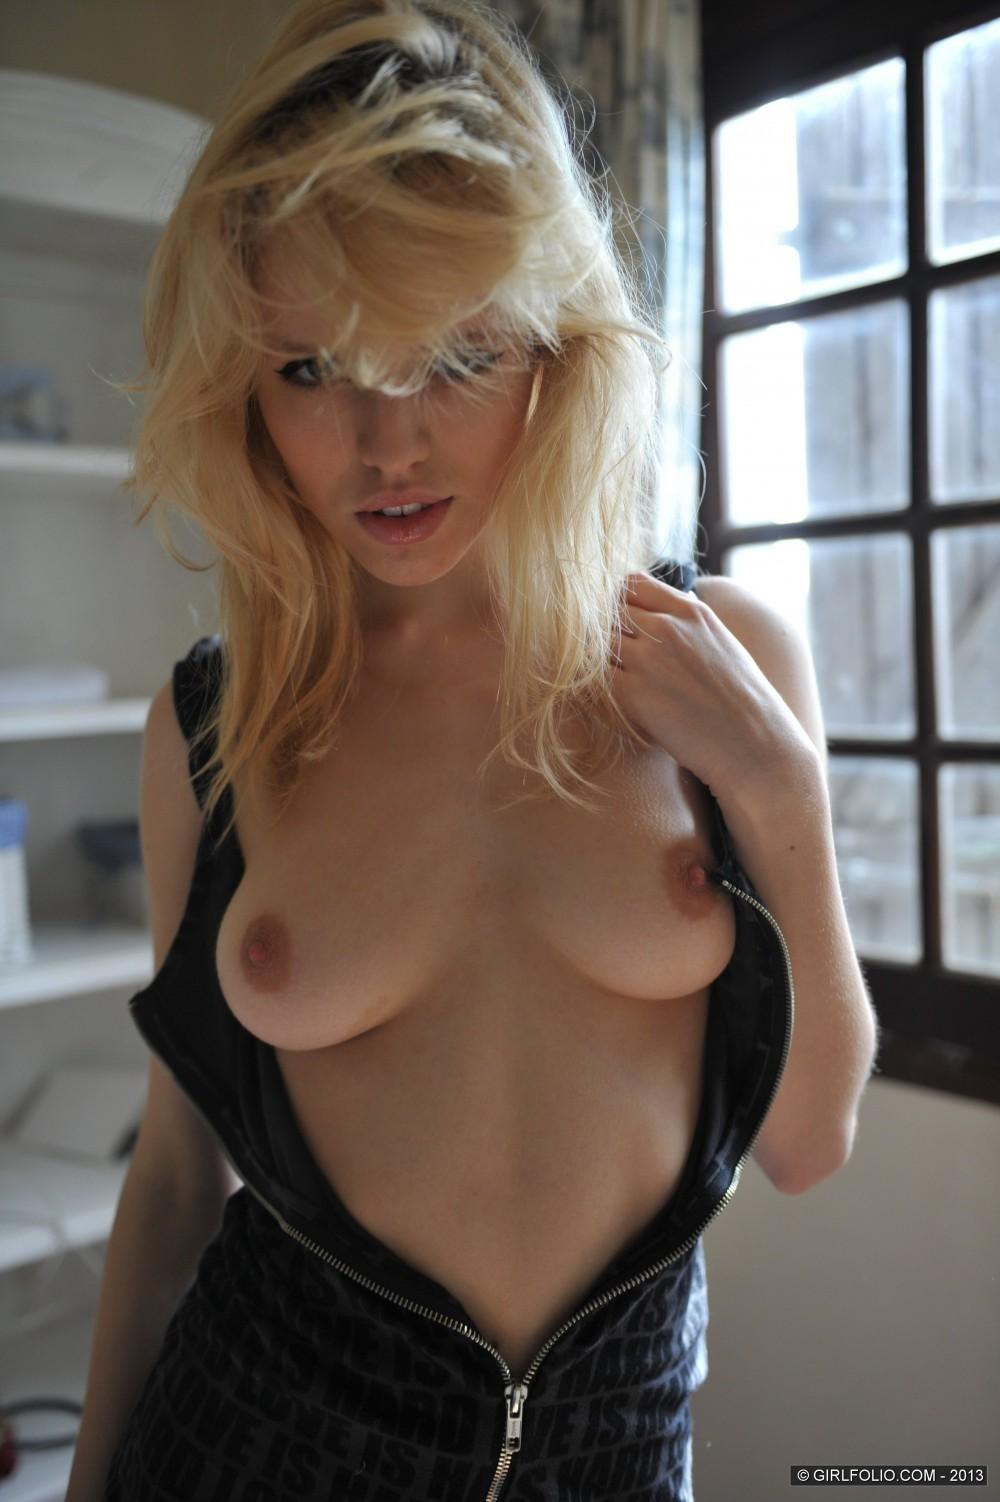 blonde-lorna-nude-worldsex-foto-galerisi